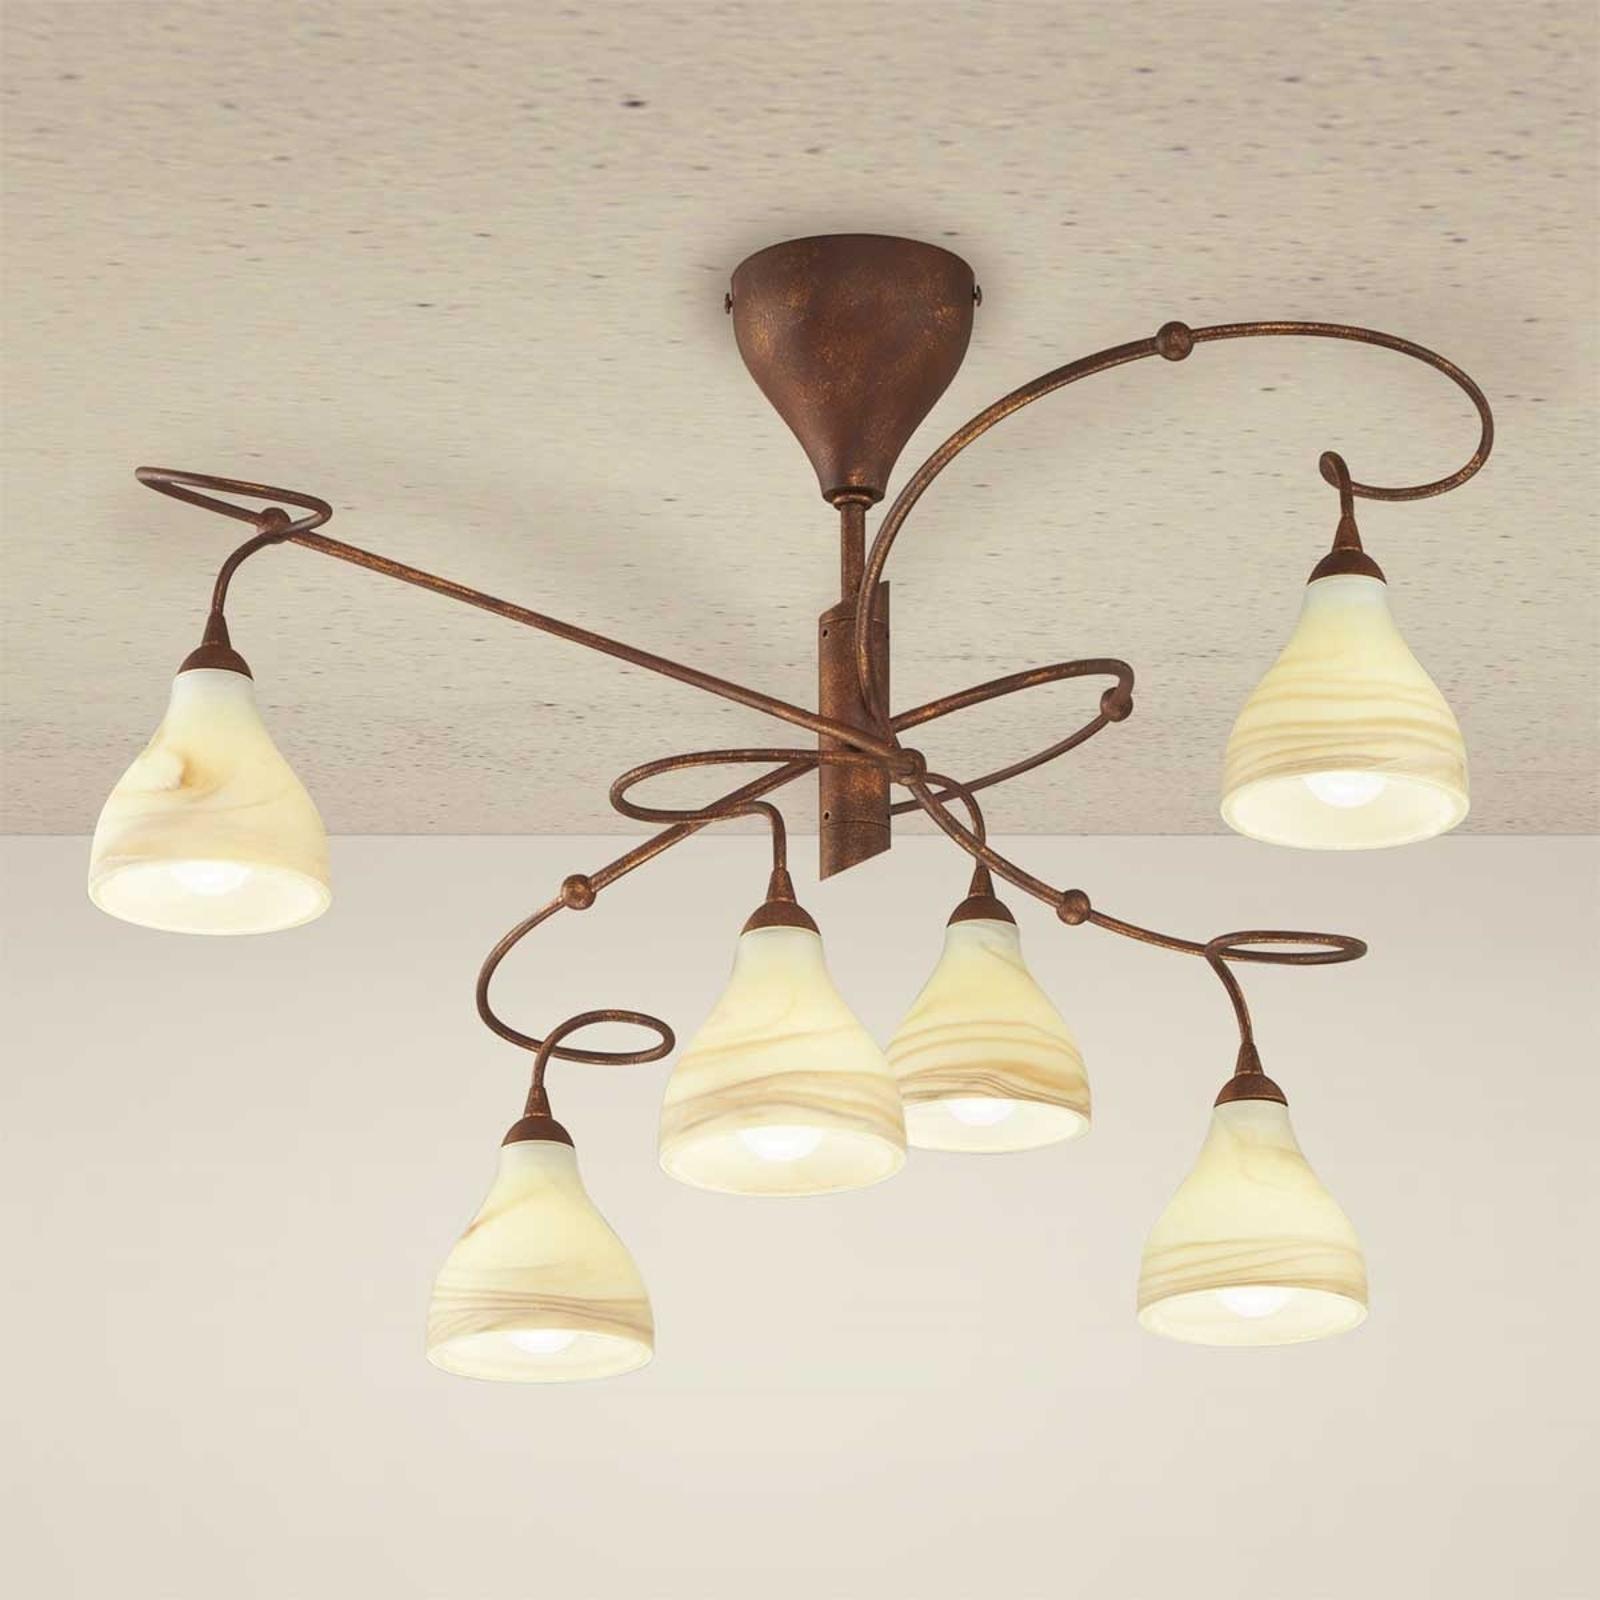 Bondgårds-taklampa Mattia med 6 ljuskällor